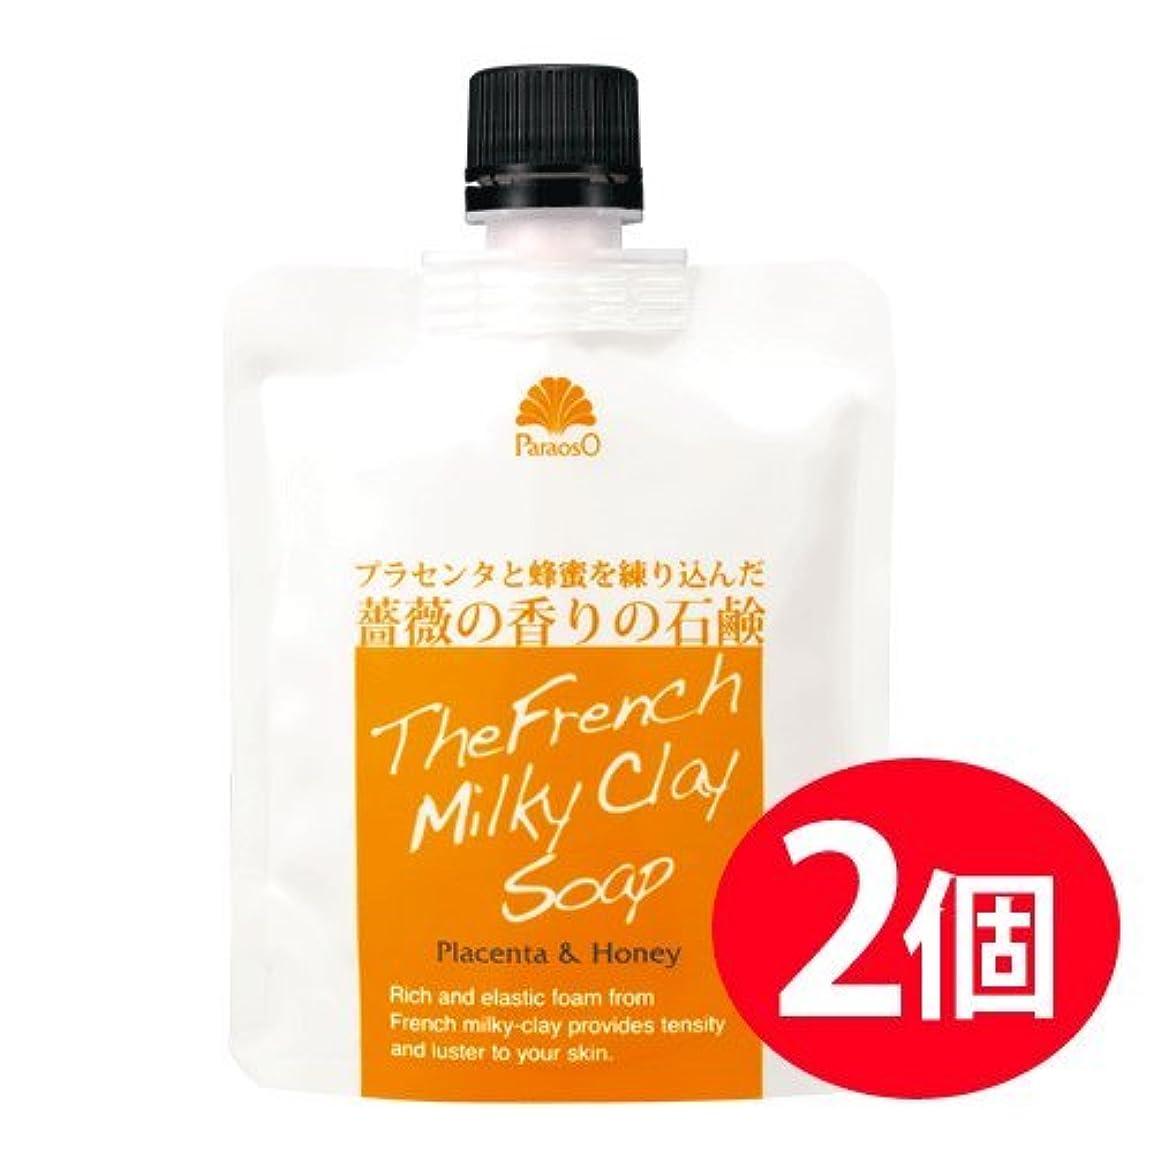 気取らないなす七時半プラセンタと蜂蜜を練り込んだ薔薇の香りの生石鹸 パラオソフレンチクレイソープ 2個